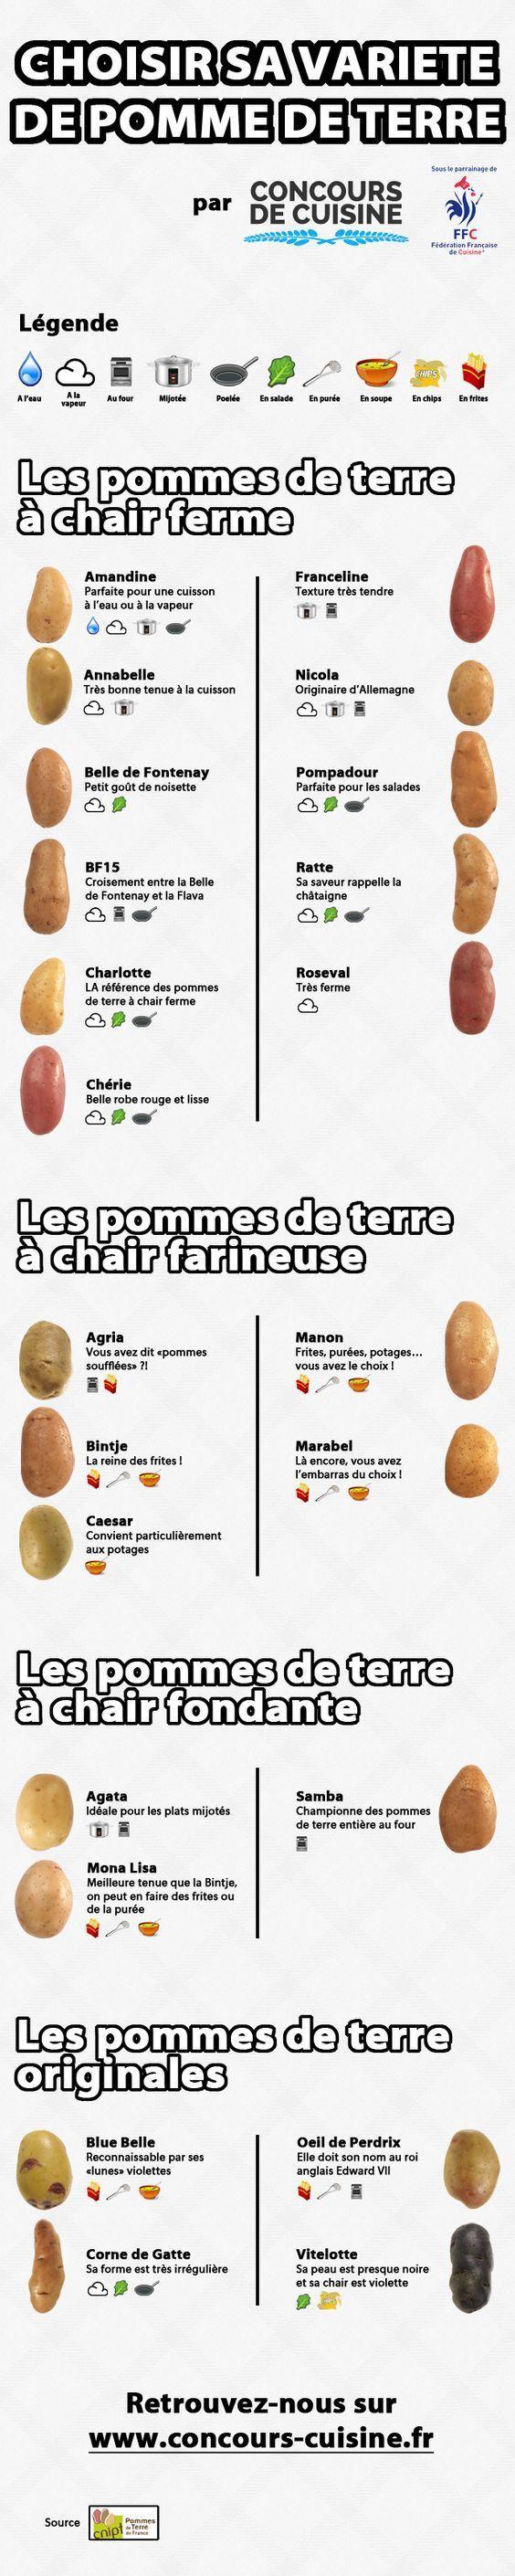 Je ferais attention la prochaine fois que j'achèterai des pommes de terre! Plus de découvertes sur Le Blog des Tendances.fr #tendance #food #blogueur